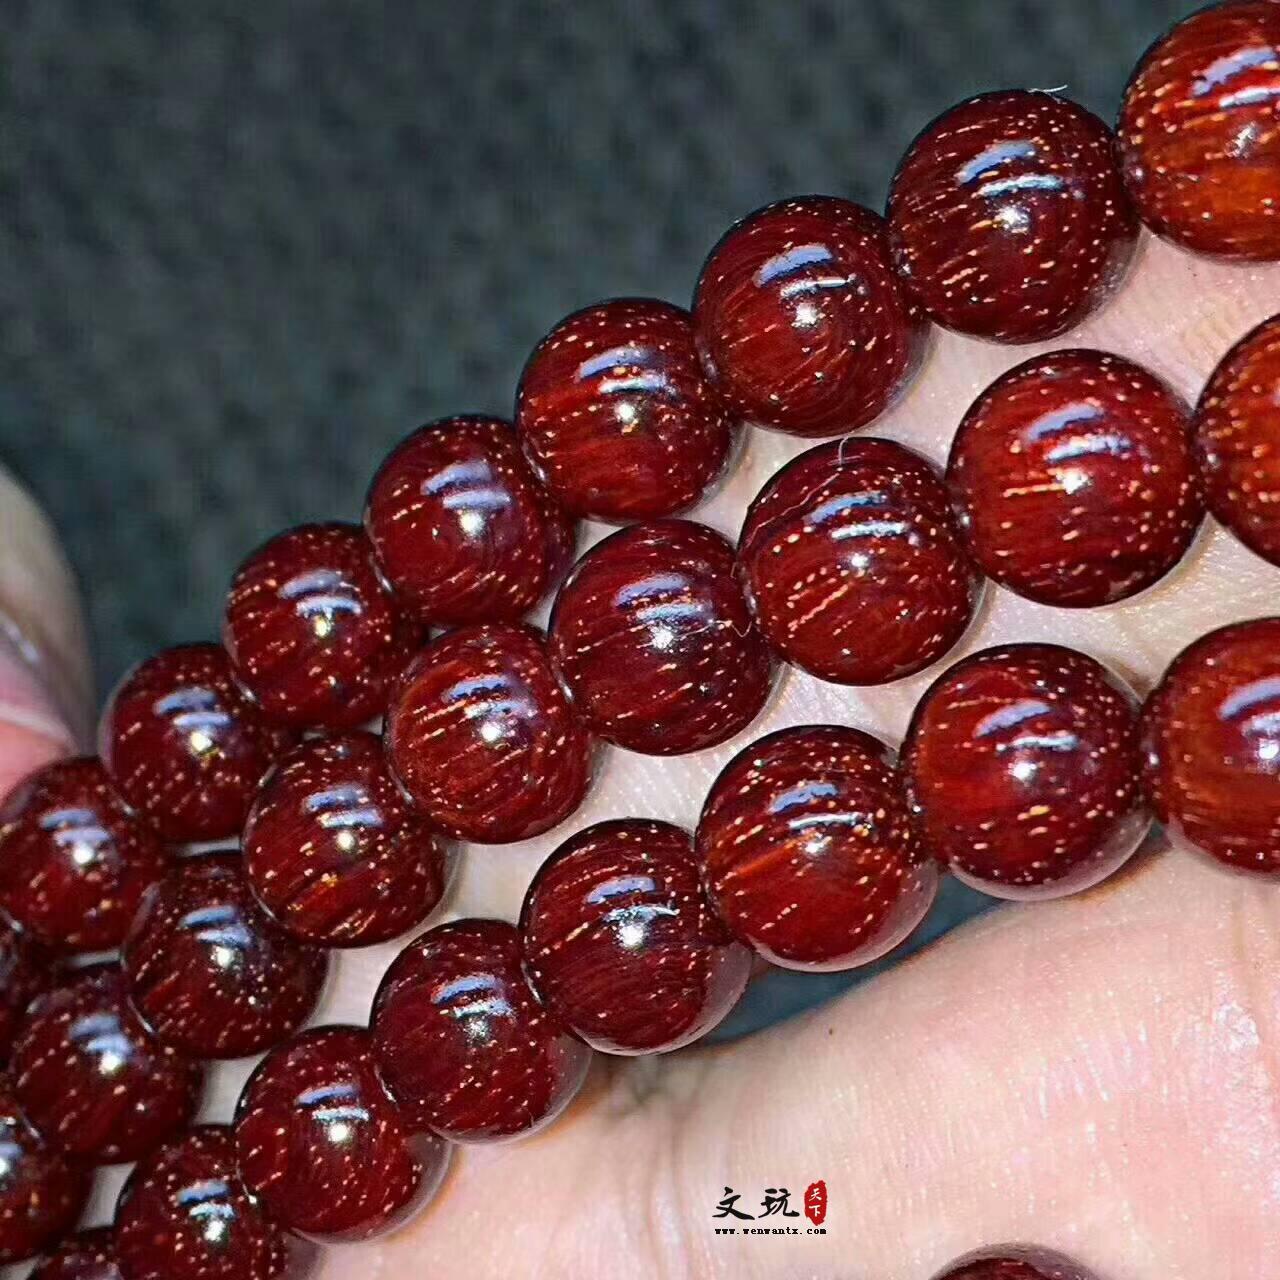 0.8小叶紫檀鸡血红满星 颗颗肉中细星保价升值手串